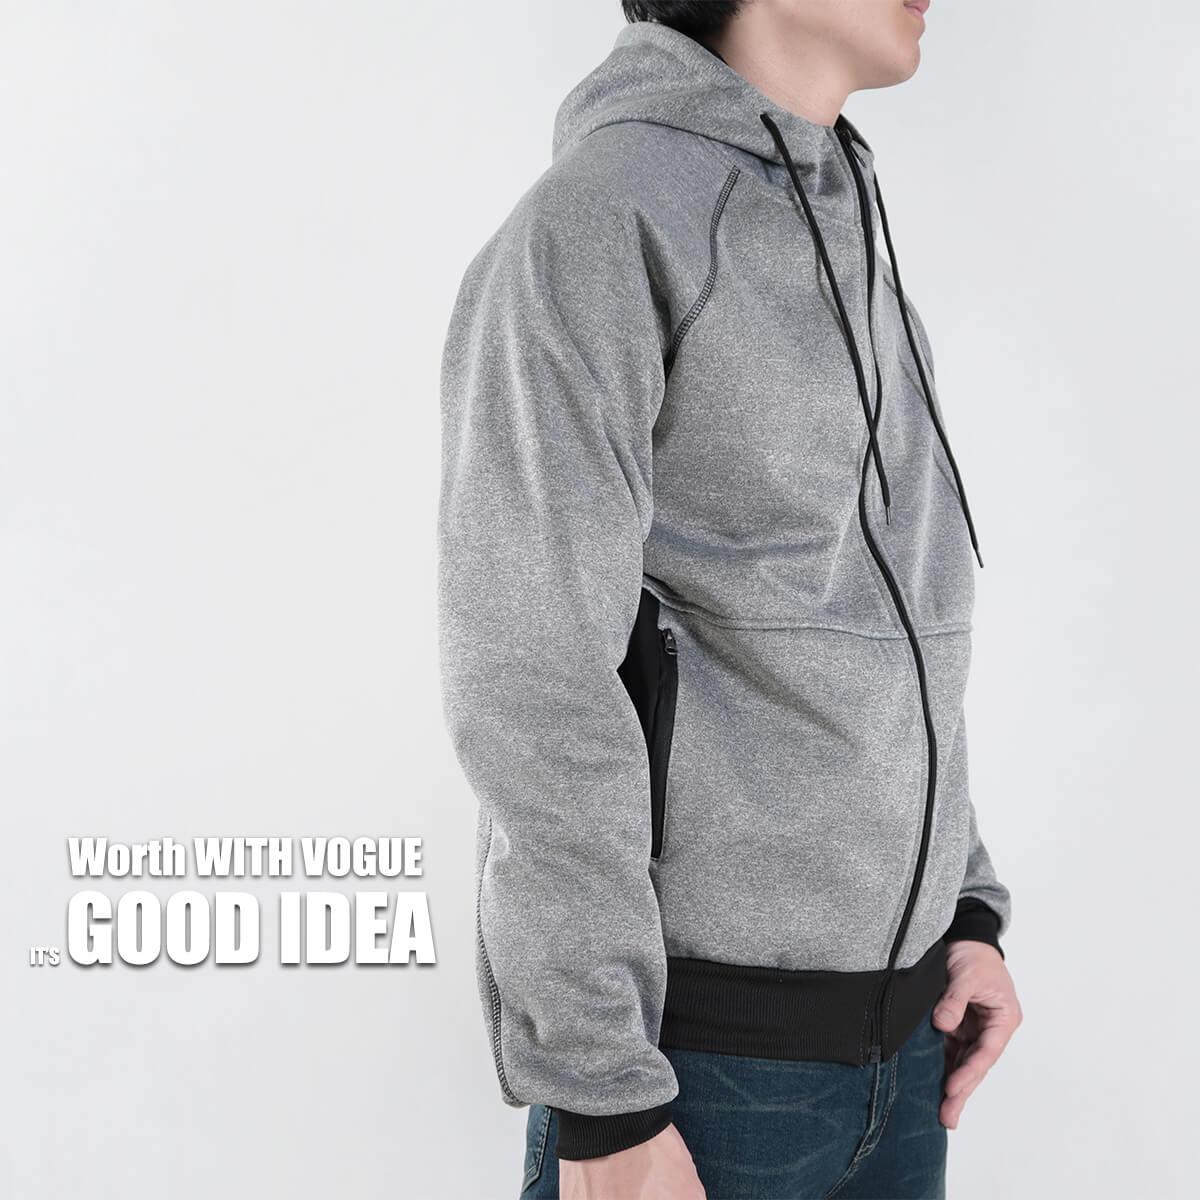 內刷毛連帽保暖外套 夾克外套 運動外套 休閒連帽外套 刷毛外套 黑色外套 時尚穿搭 WARM FLEECE LINED JACKETS (321-8916-01)淺灰色、(321-8916-02)深灰色、(321-8916-03)黑色 L XL 2L(胸圍46~50英吋) [實體店面保障] sun-e 1